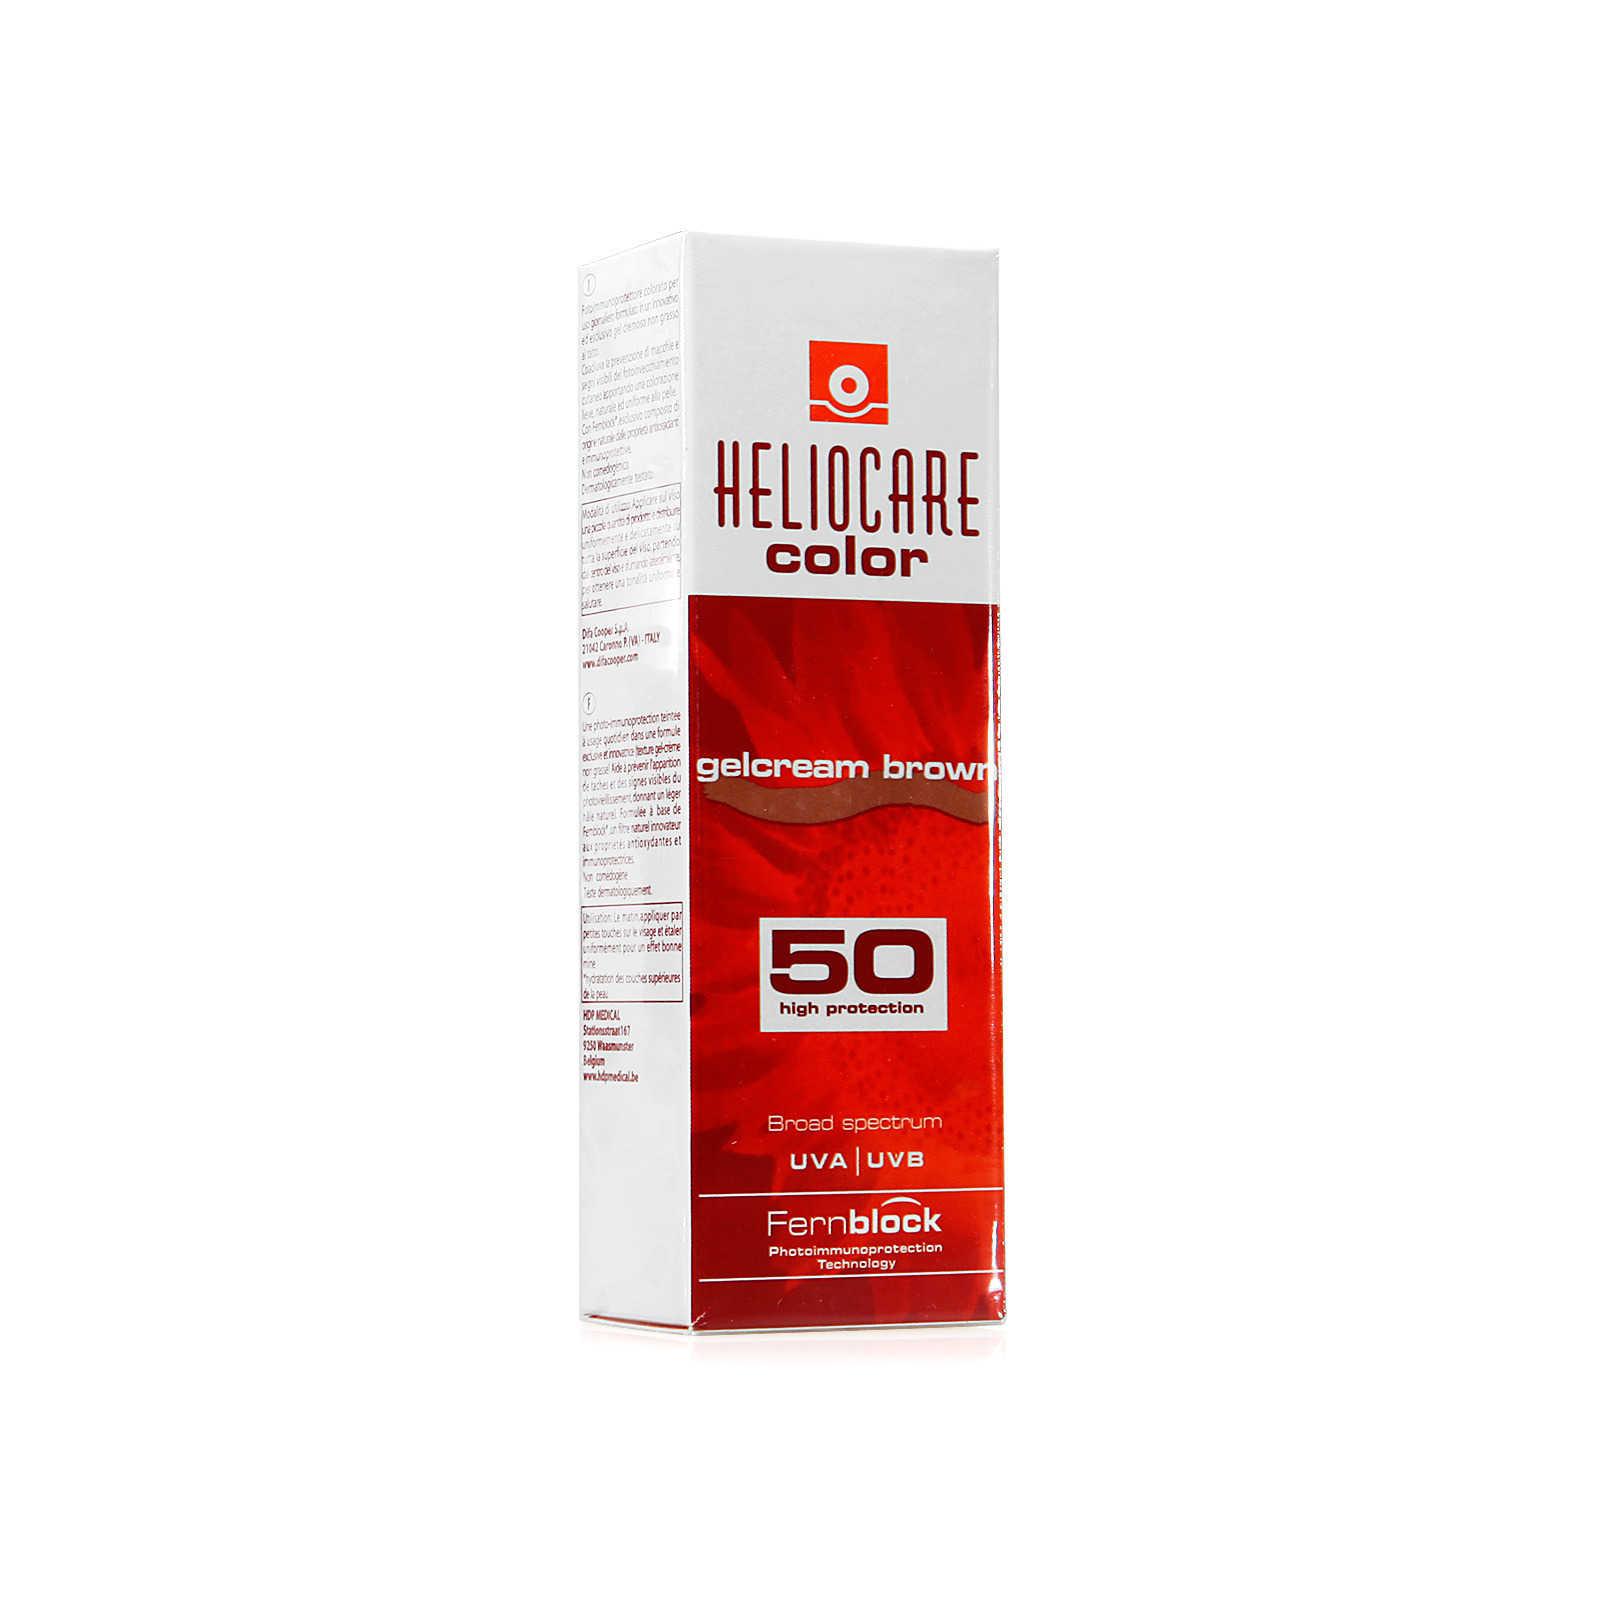 Heliocare - Crema Protezione Solare Color - Gelcream Brown SPF50